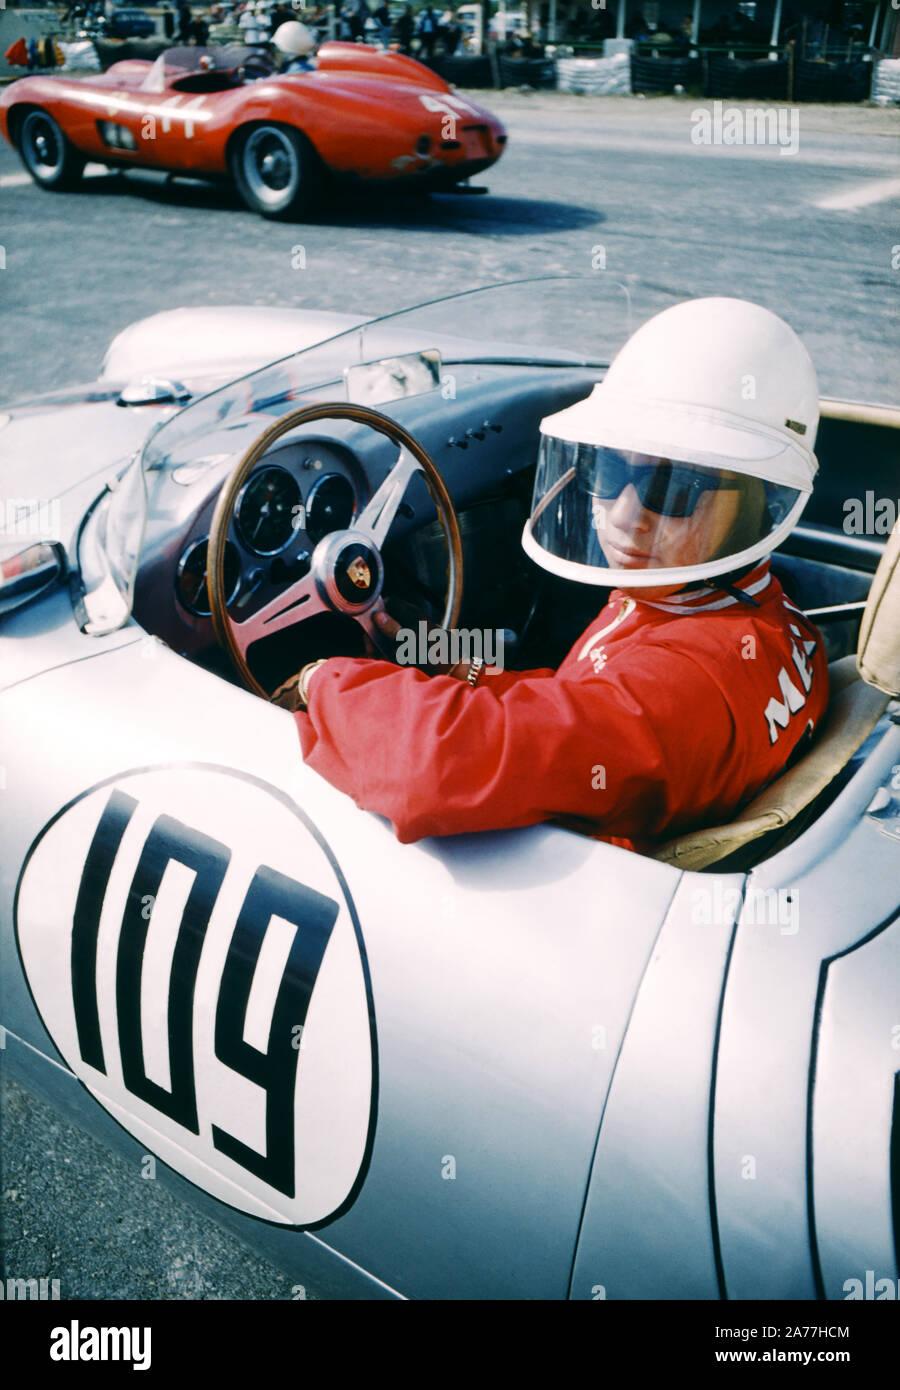 NASSAU, Bahamas - El 5 de diciembre: Ricardo Rodriguez de México #109 en su Porsche 550 RS espera el inicio de la 4ª Conferencia Anual Internacional de velocidad de Bahamas semanas Nassau Trophy Race el 5 de diciembre de 1957 en el curso de campo Oakes en Nassau, Bahamas. (Foto por Hy Peskin) Foto de stock